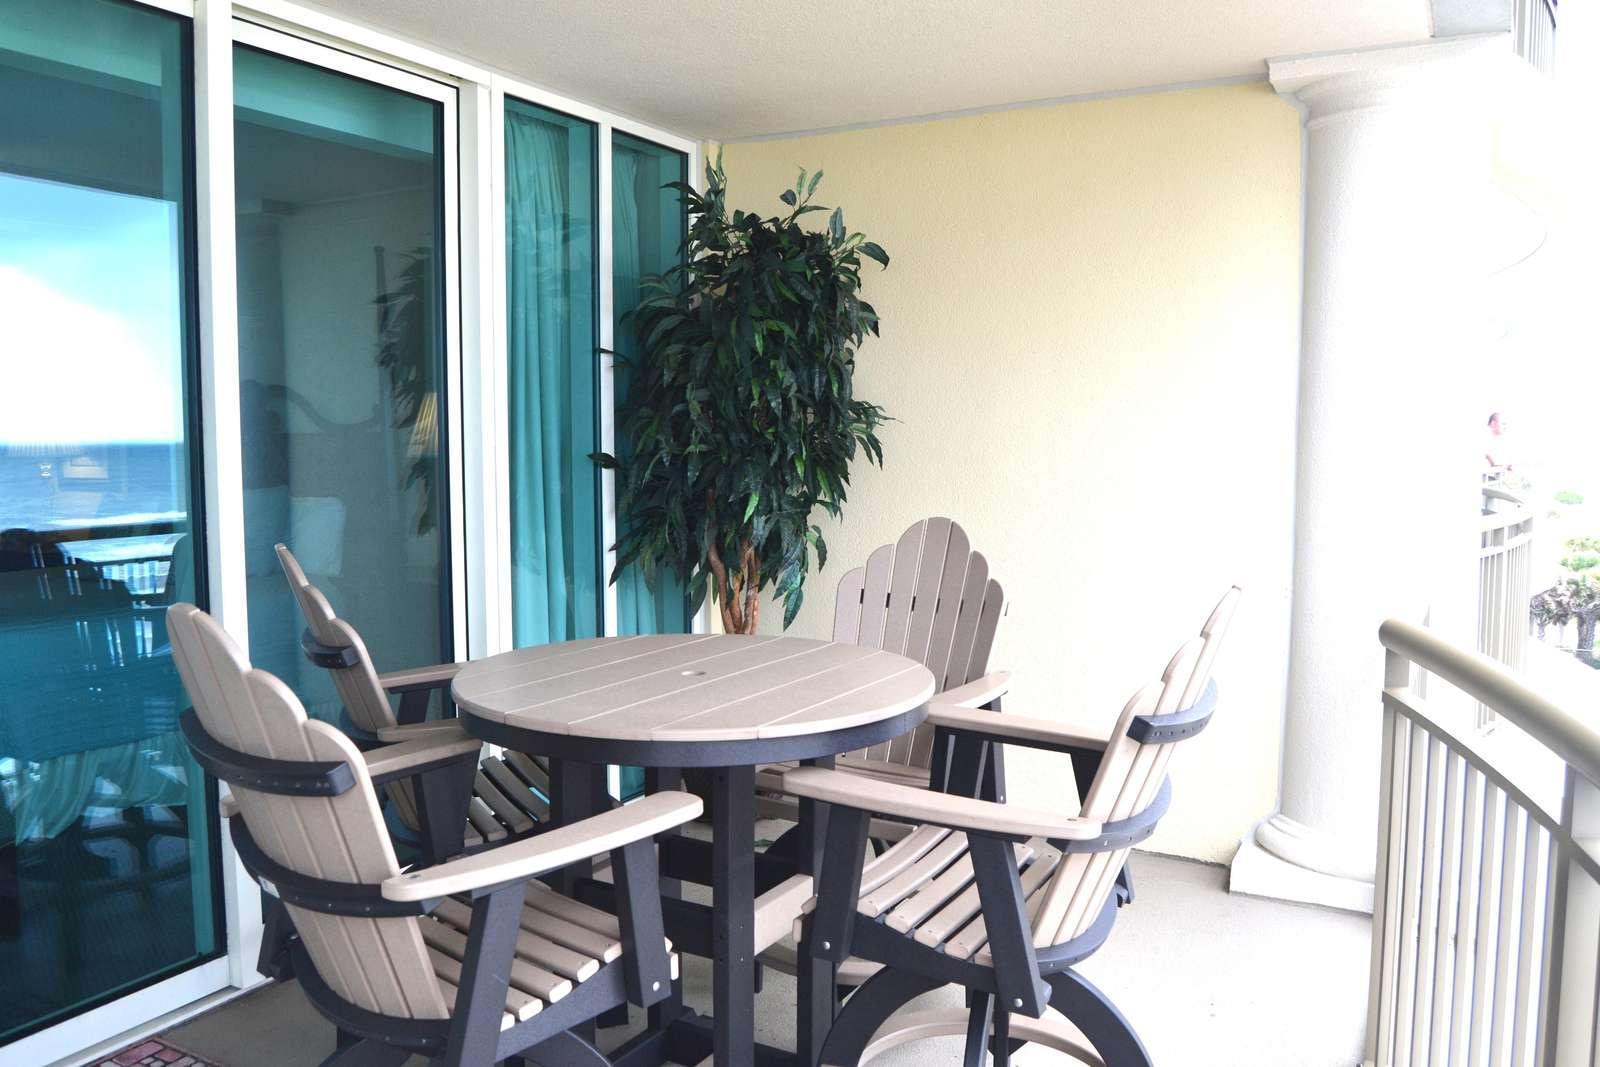 Upgraded patio furishings